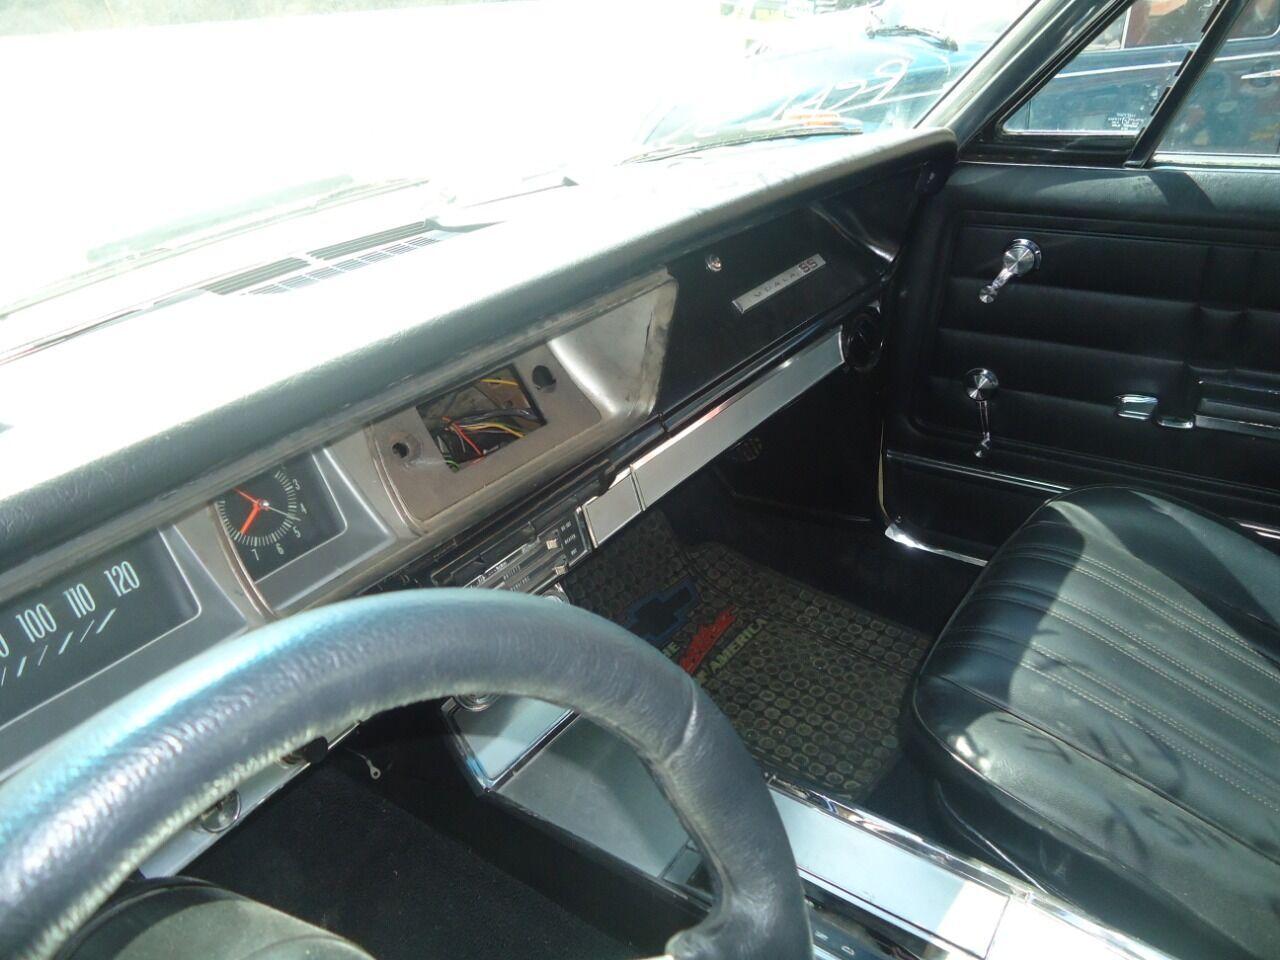 1966 Chevrolet Impala 3